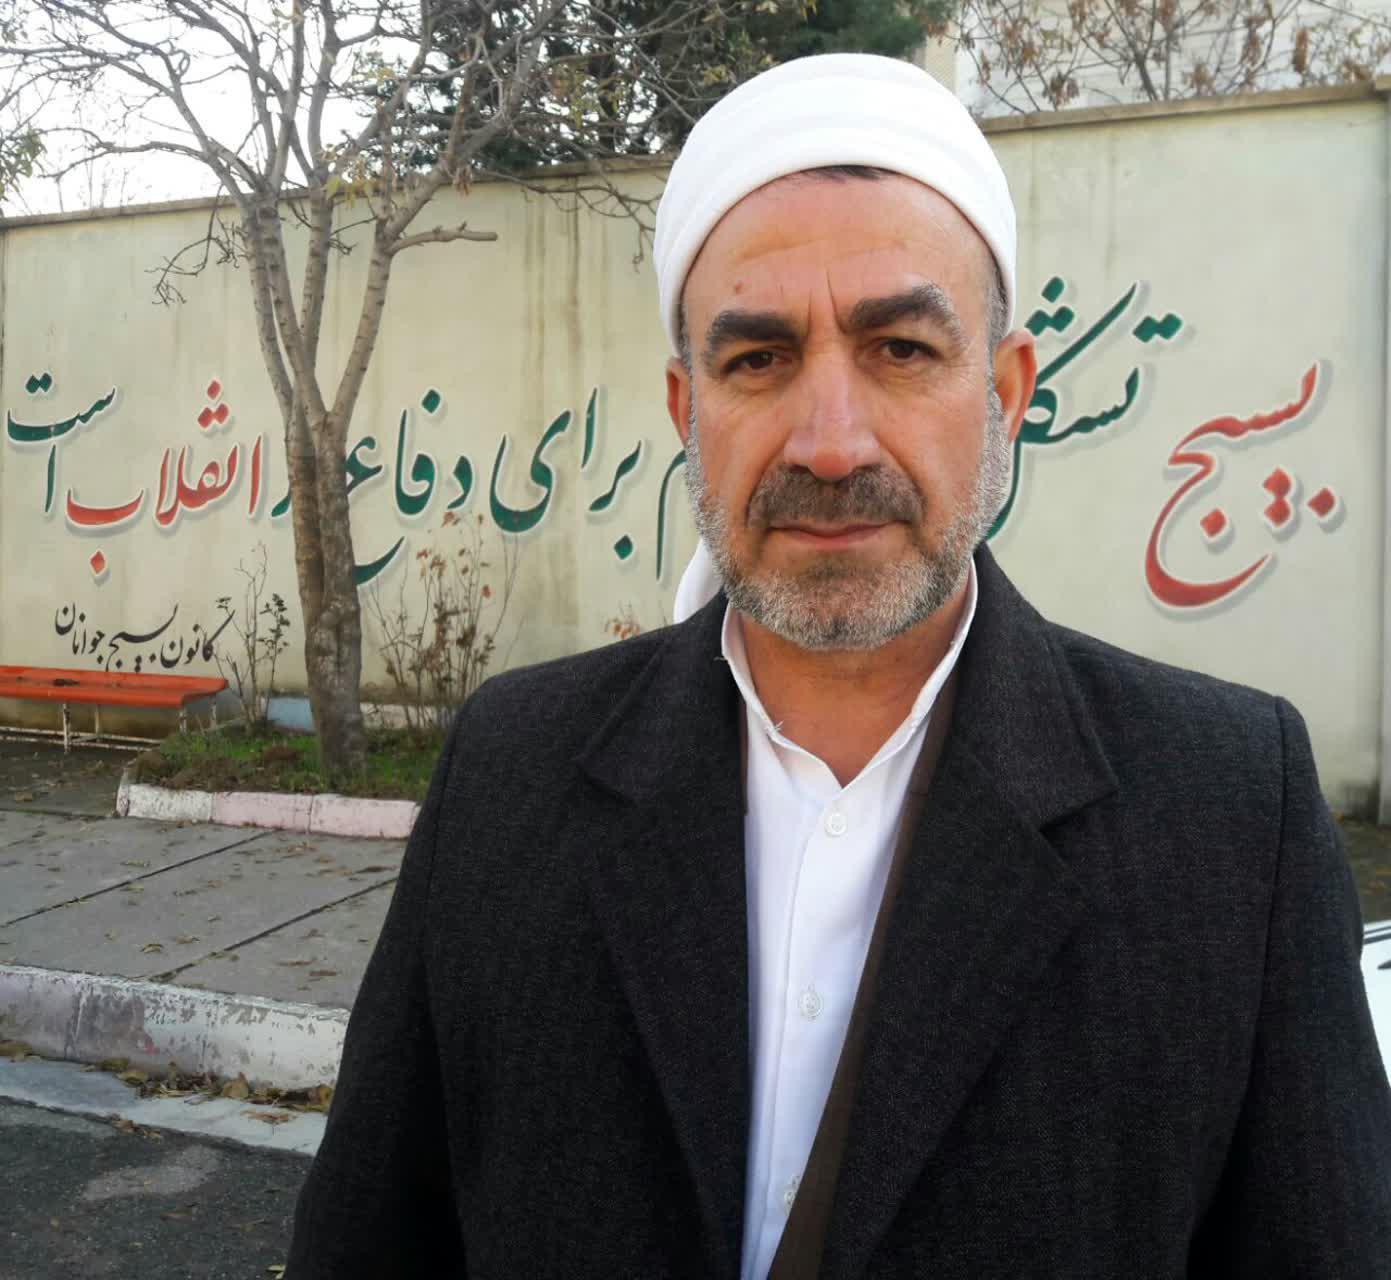 ماموستا حاج هادی زُکایی عضو شورای فتوای اهل سنت جوانرود